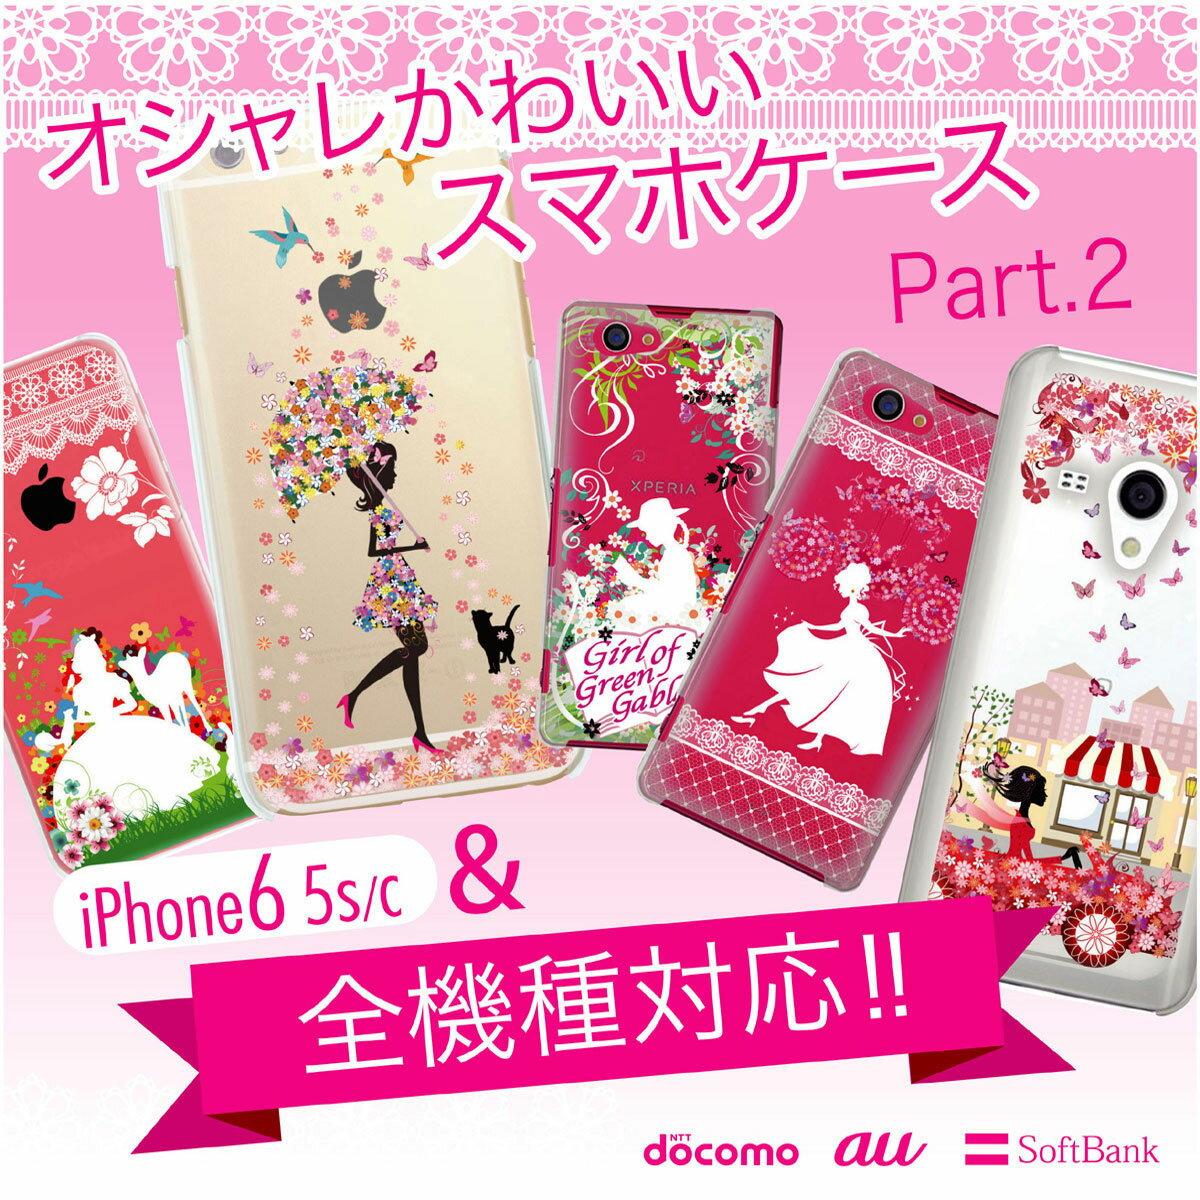 スマホケース 全機種対応 ケース カバー ハードケース クリアケースiPhoneX iPhone8 iPhone7s Plus iPhone7 iPhone6s iPhone6 Plus iPhone SE 5s Xperia XZ1 SO-01K SO-02K XZ so-04j XZs so-03j aquos R SH-01K SHV41 アリス 01-zen-kawaii